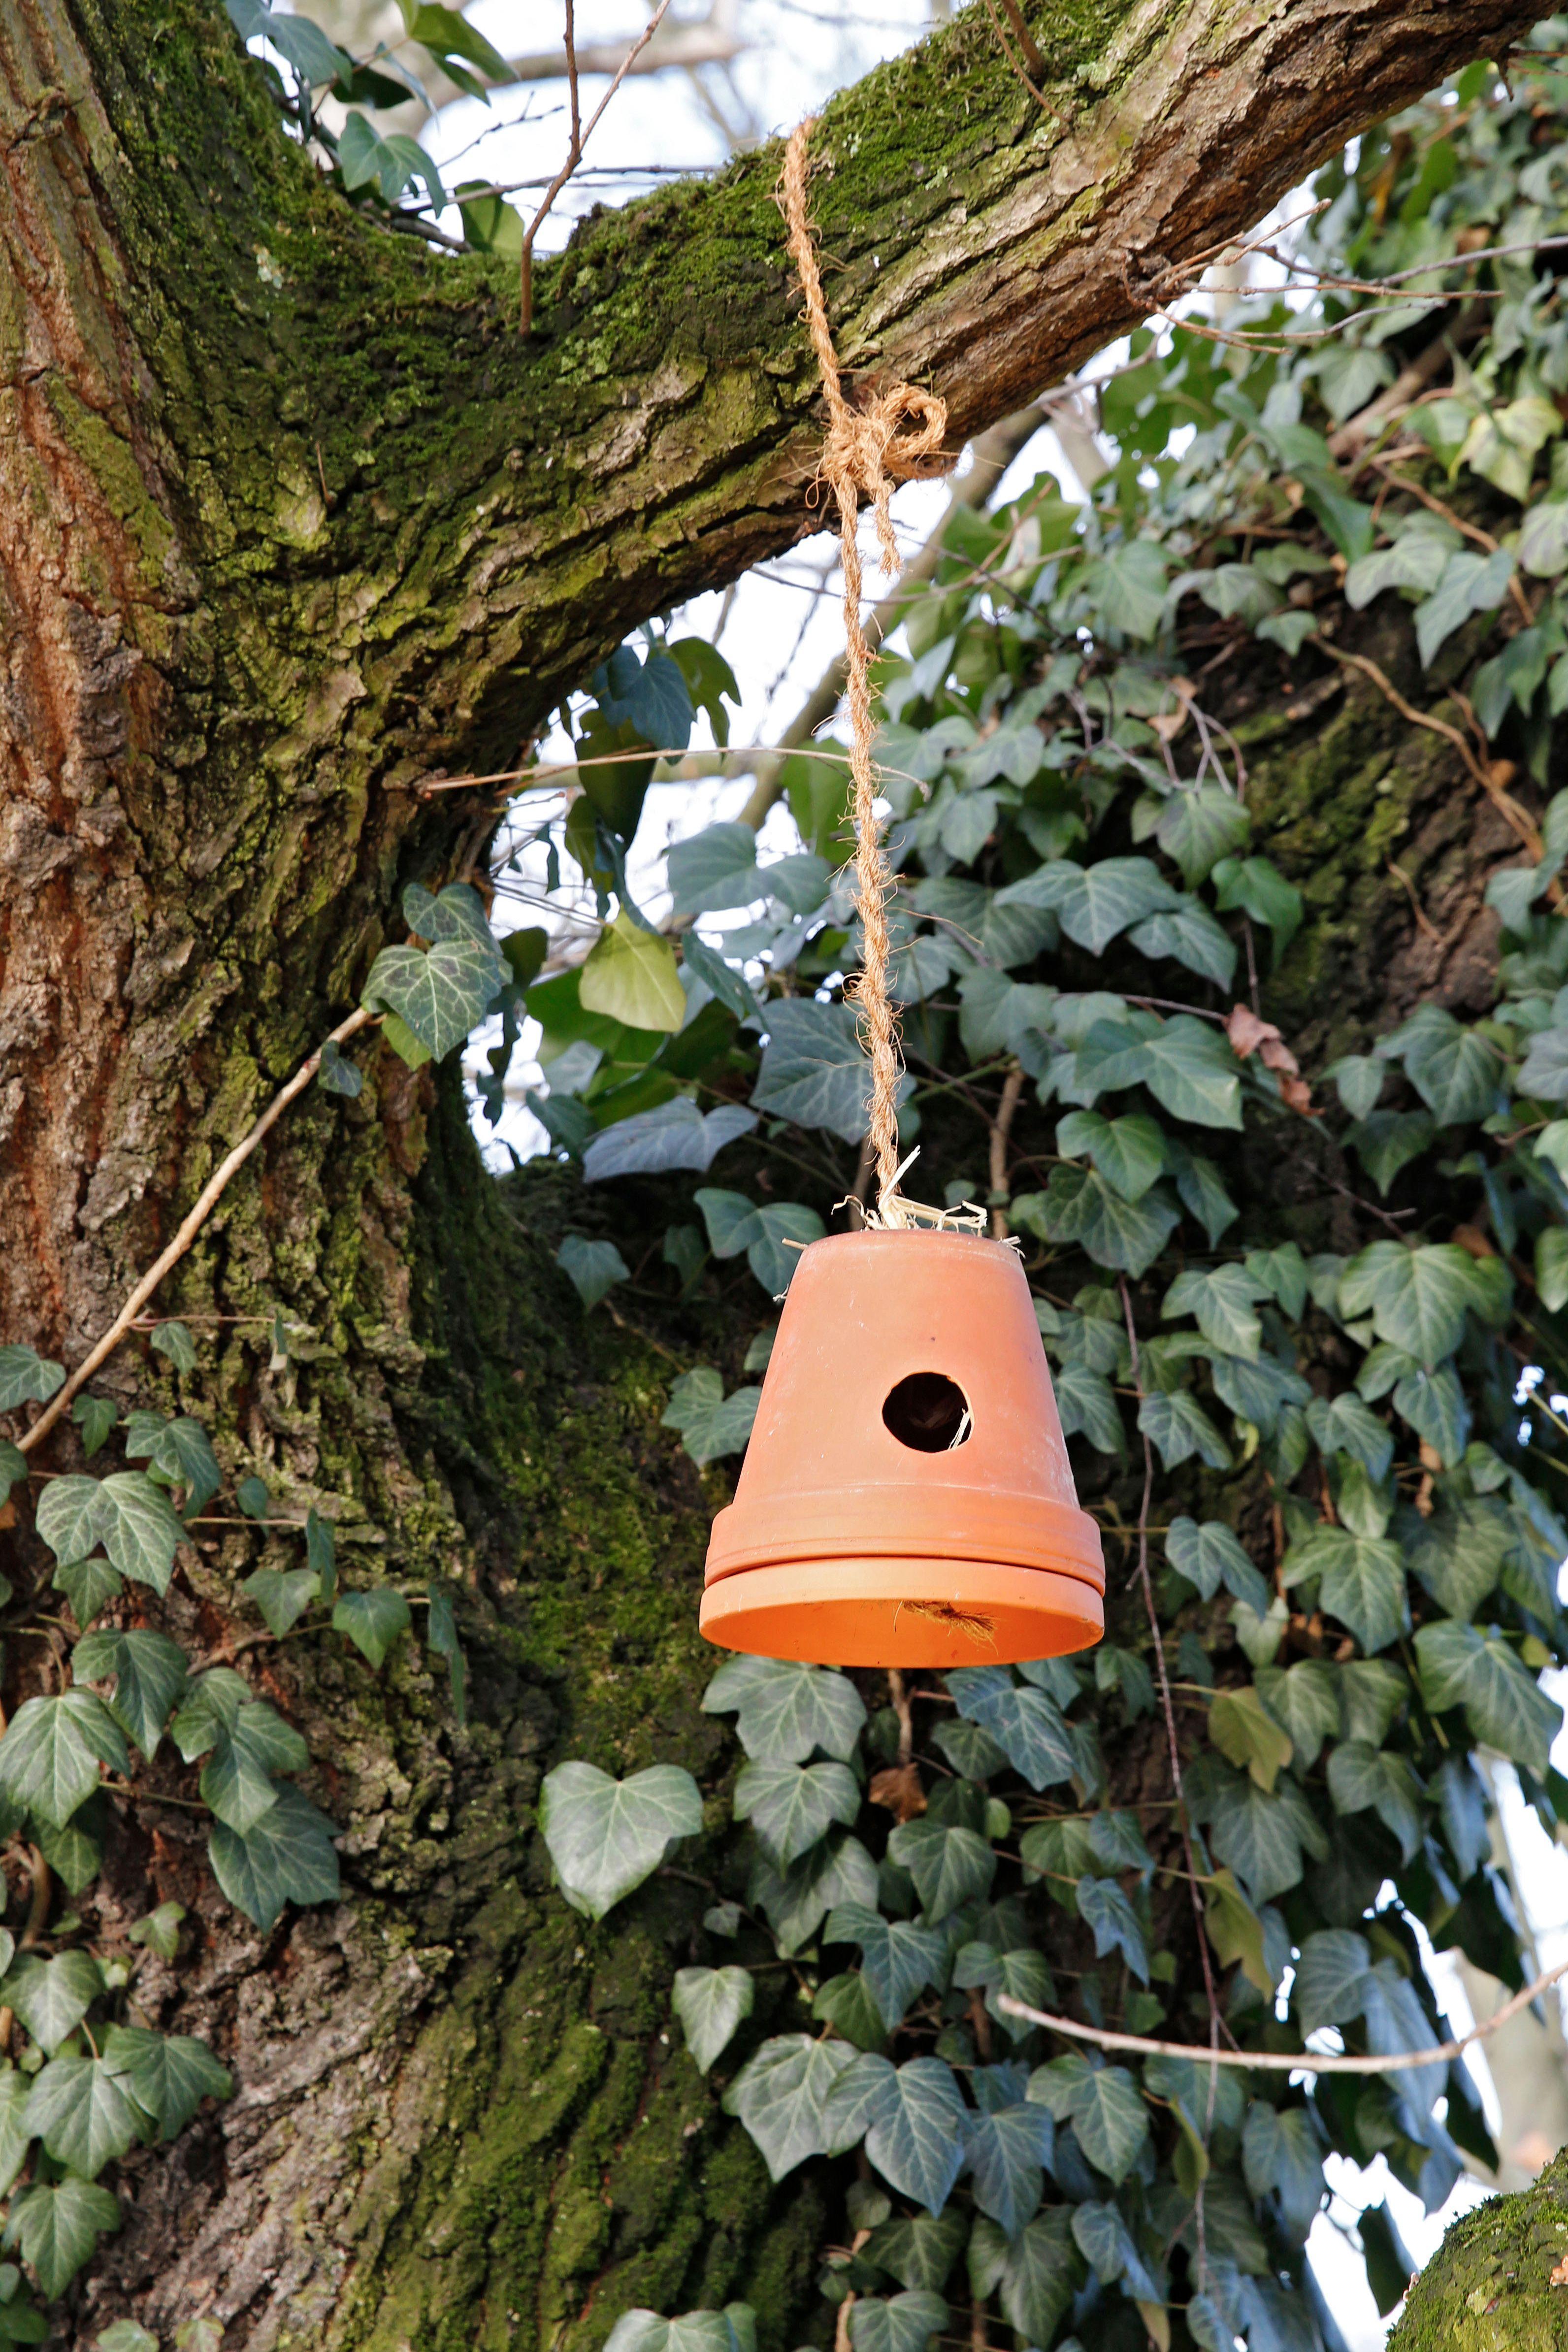 Kreatives Aus Topfen Gartentipps Garten Nisthilfen